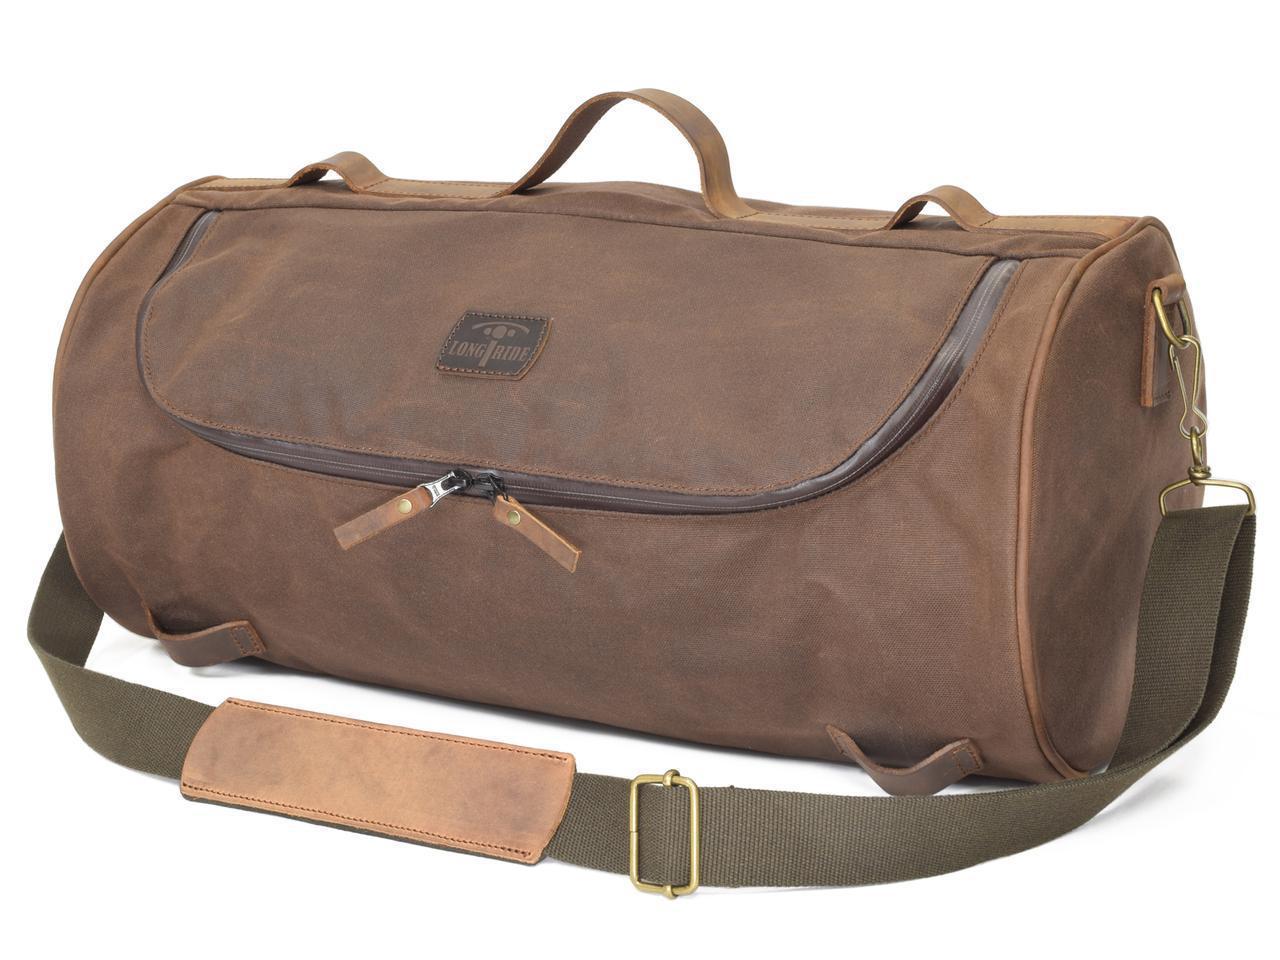 画像2: ベルギー発、こだわりが詰まったおしゃれバッグ|「ロングライド」のダッフルバッグは旅するバイクによく似合う!